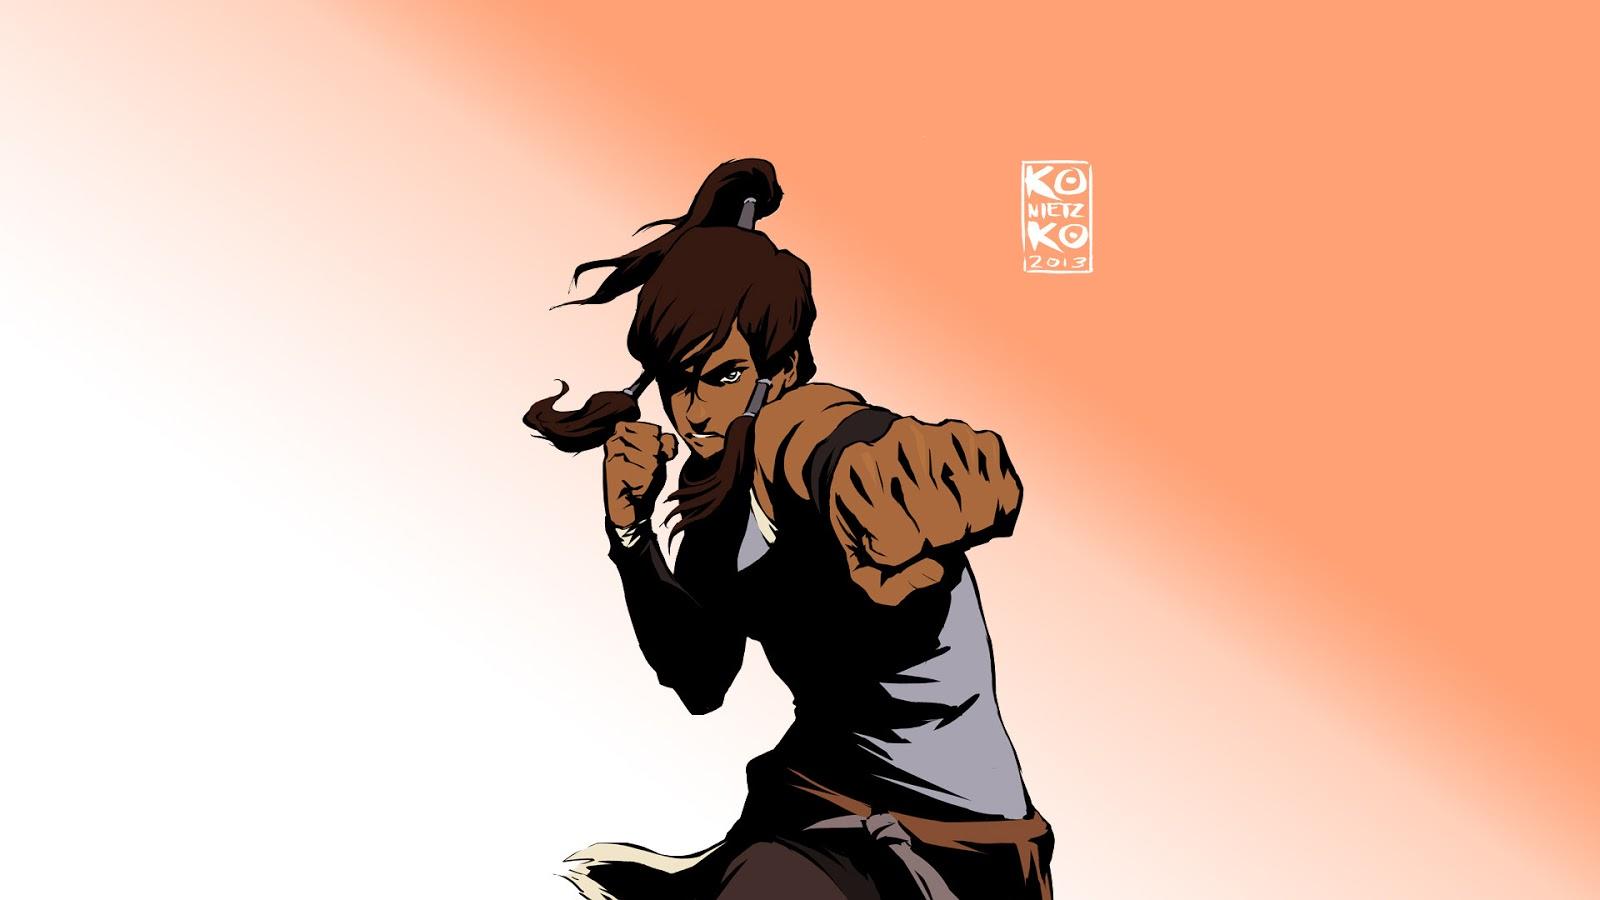 Anime Boy Profile Pic